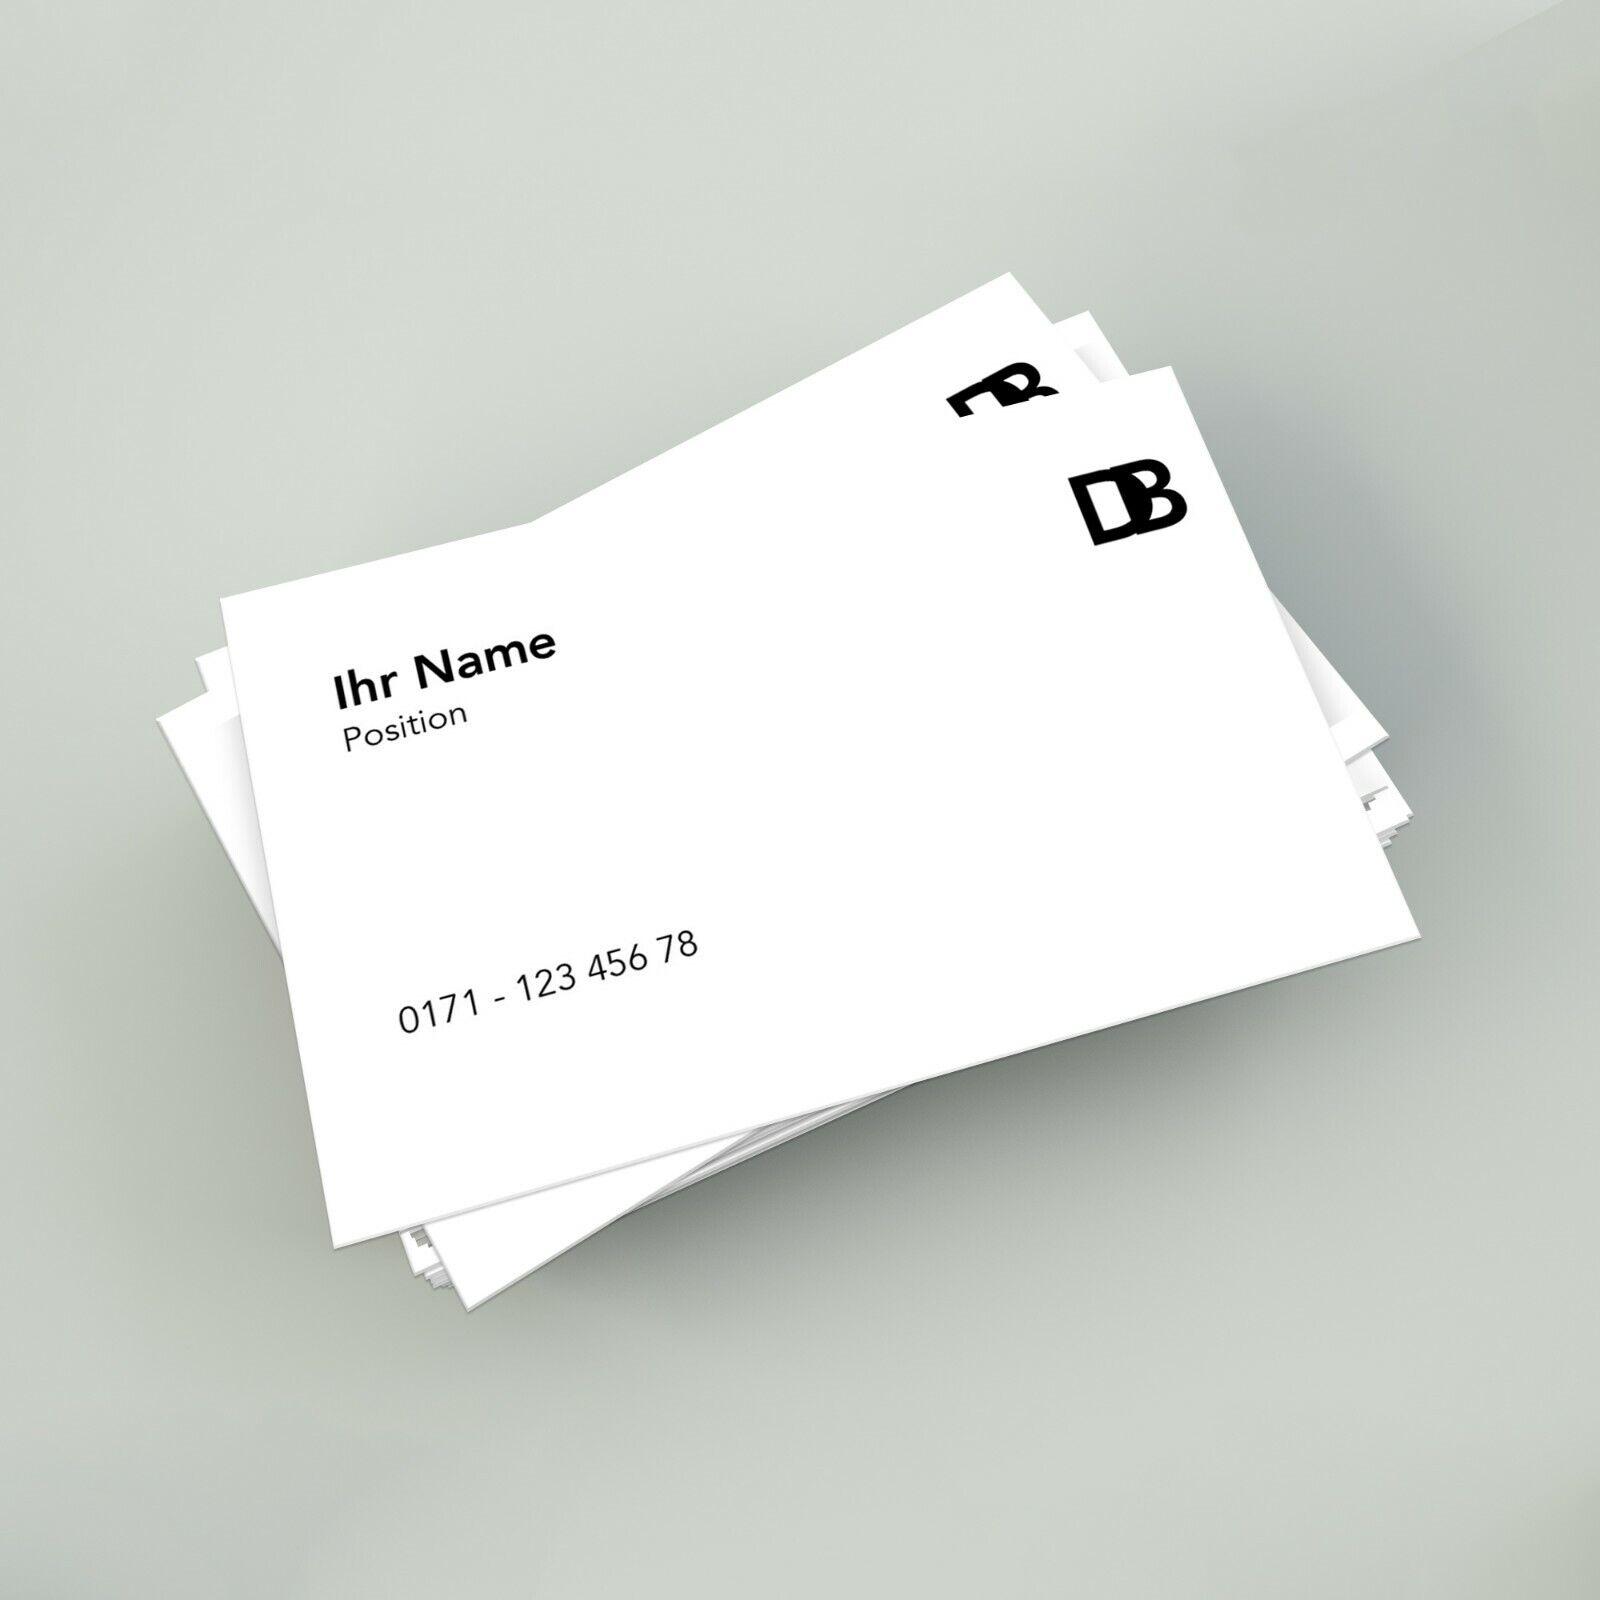 500 Visitenkarten Drucken Einseitig Oder Beidseitig Farbig